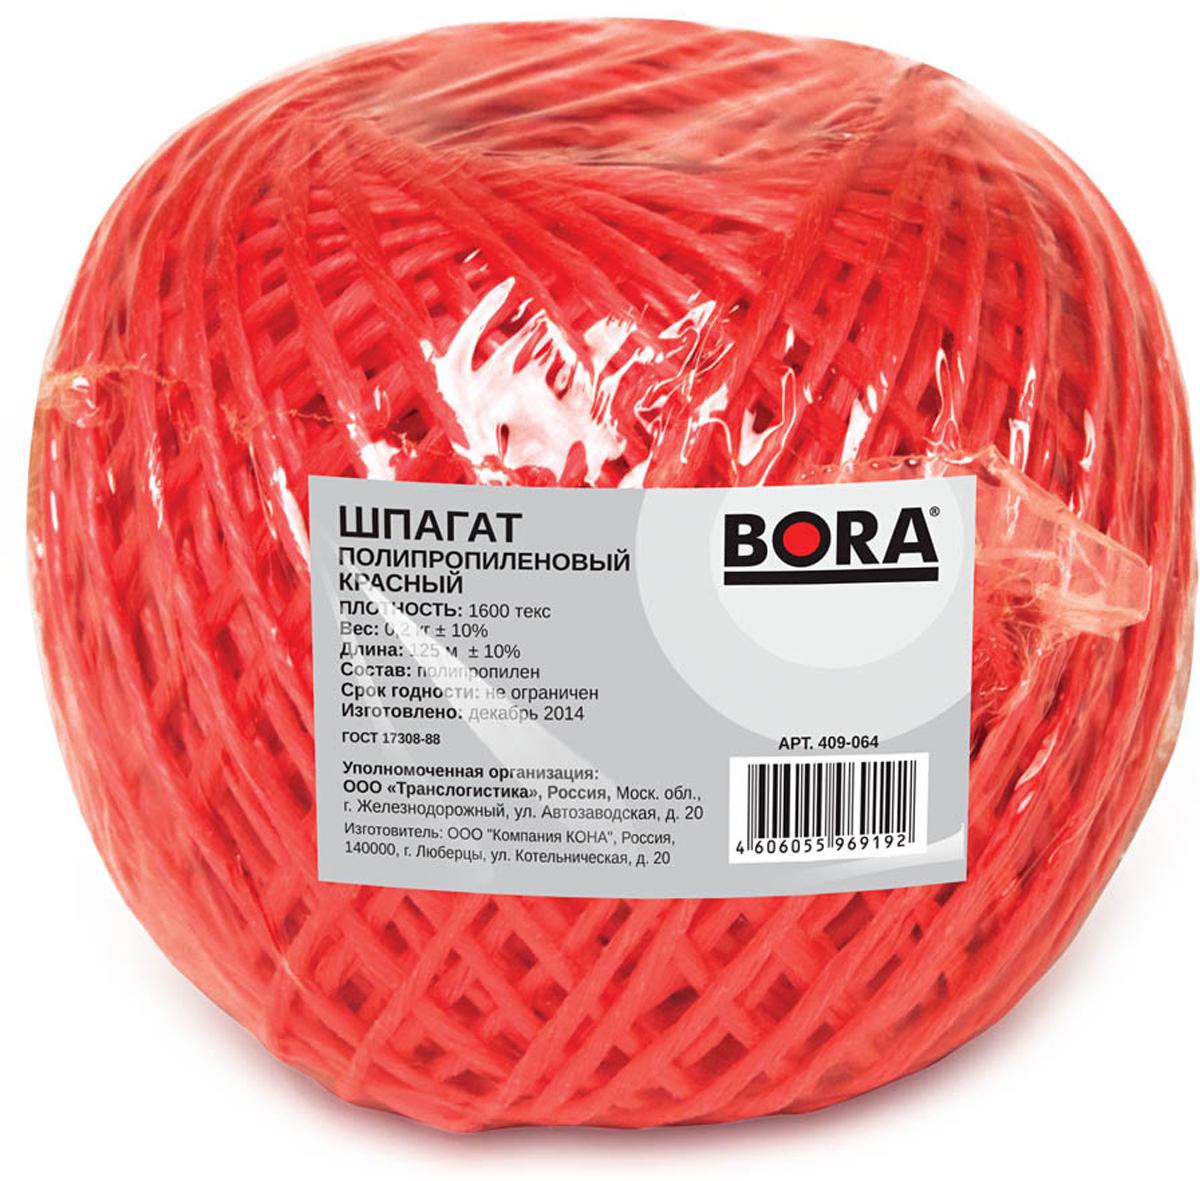 Шпагат Aviora, цвет: красный, 1600 текс, 125 м409-064Шпагат Aviora - это сверхпрочная полипропиленовая веревка общего назначения, которая отличаетсястойкостью к температурному воздействию, гниению и влаге. Отсутствие сердечника обеспечивает минимальноеотносительное удлинение под нагрузкой. Универсальный упаковочно-обвязочный материал.